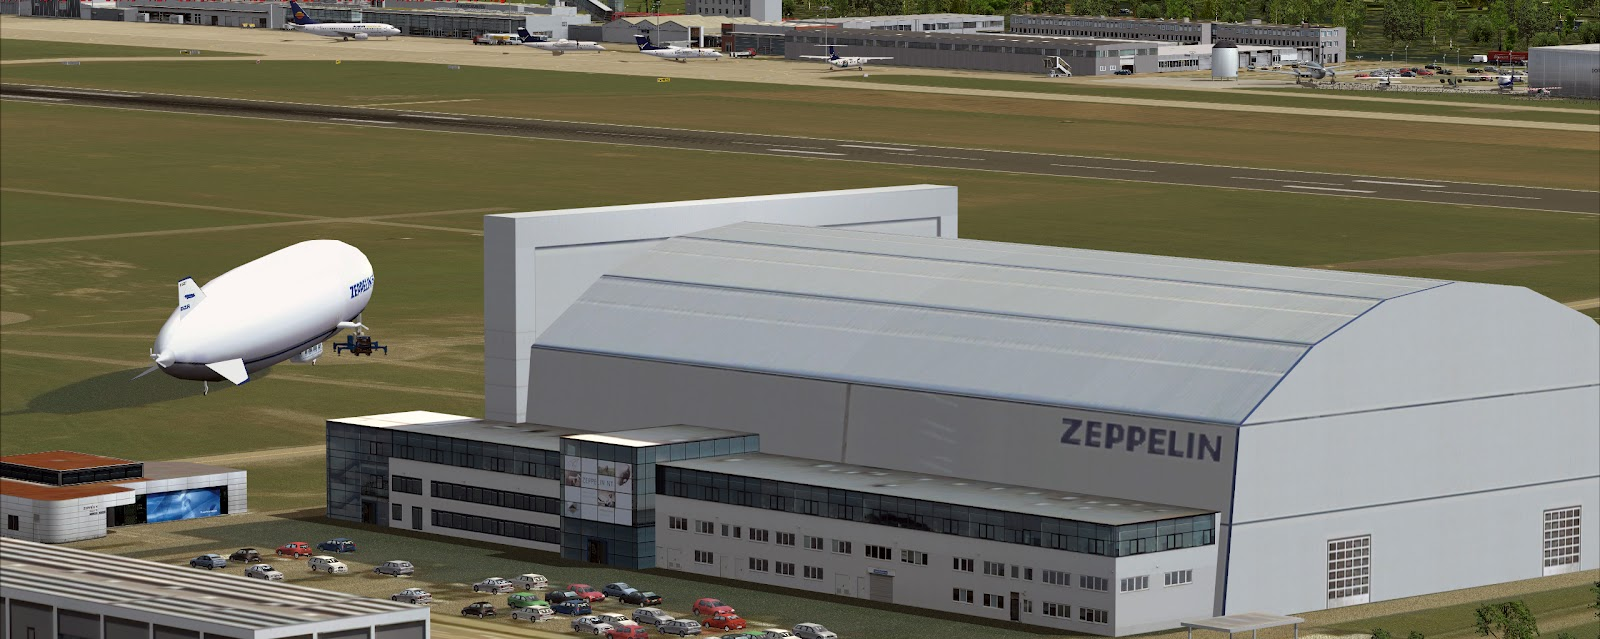 airdailyx aerosoft gap friedrichshafen our impression. Black Bedroom Furniture Sets. Home Design Ideas